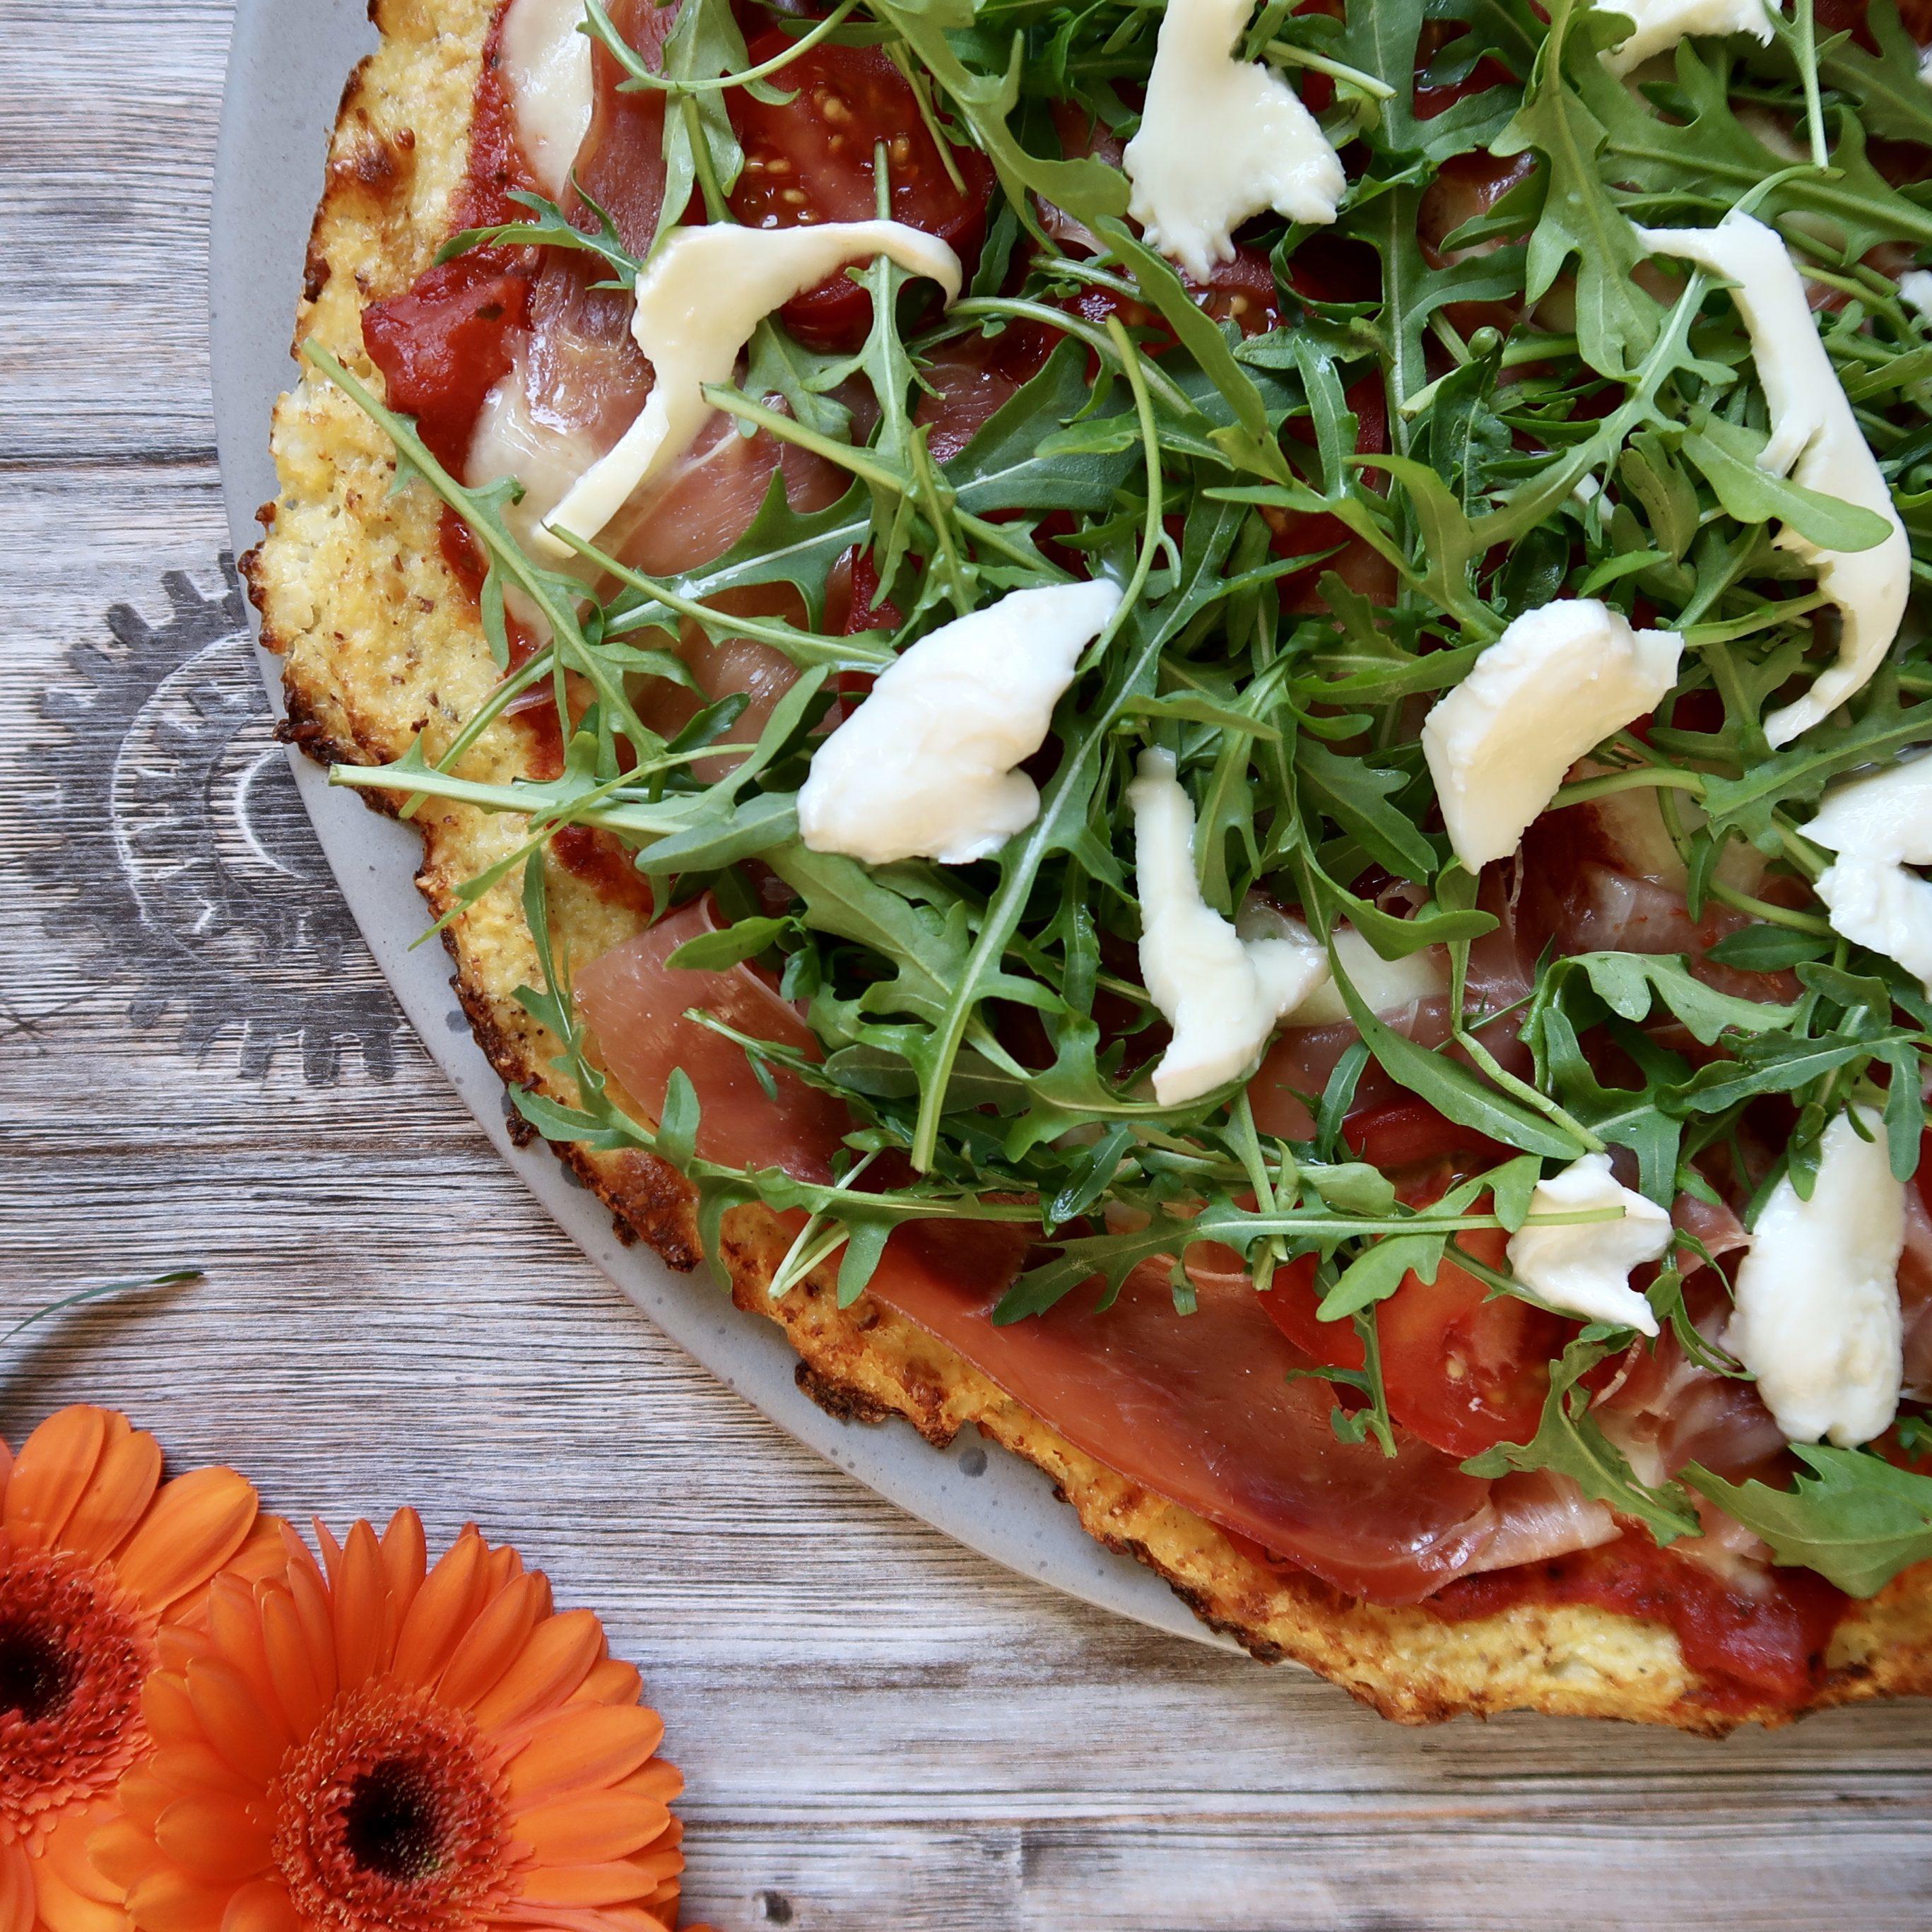 Blomkålspizzamed seranoskinke, mozzarella, tomater og rucolasalat